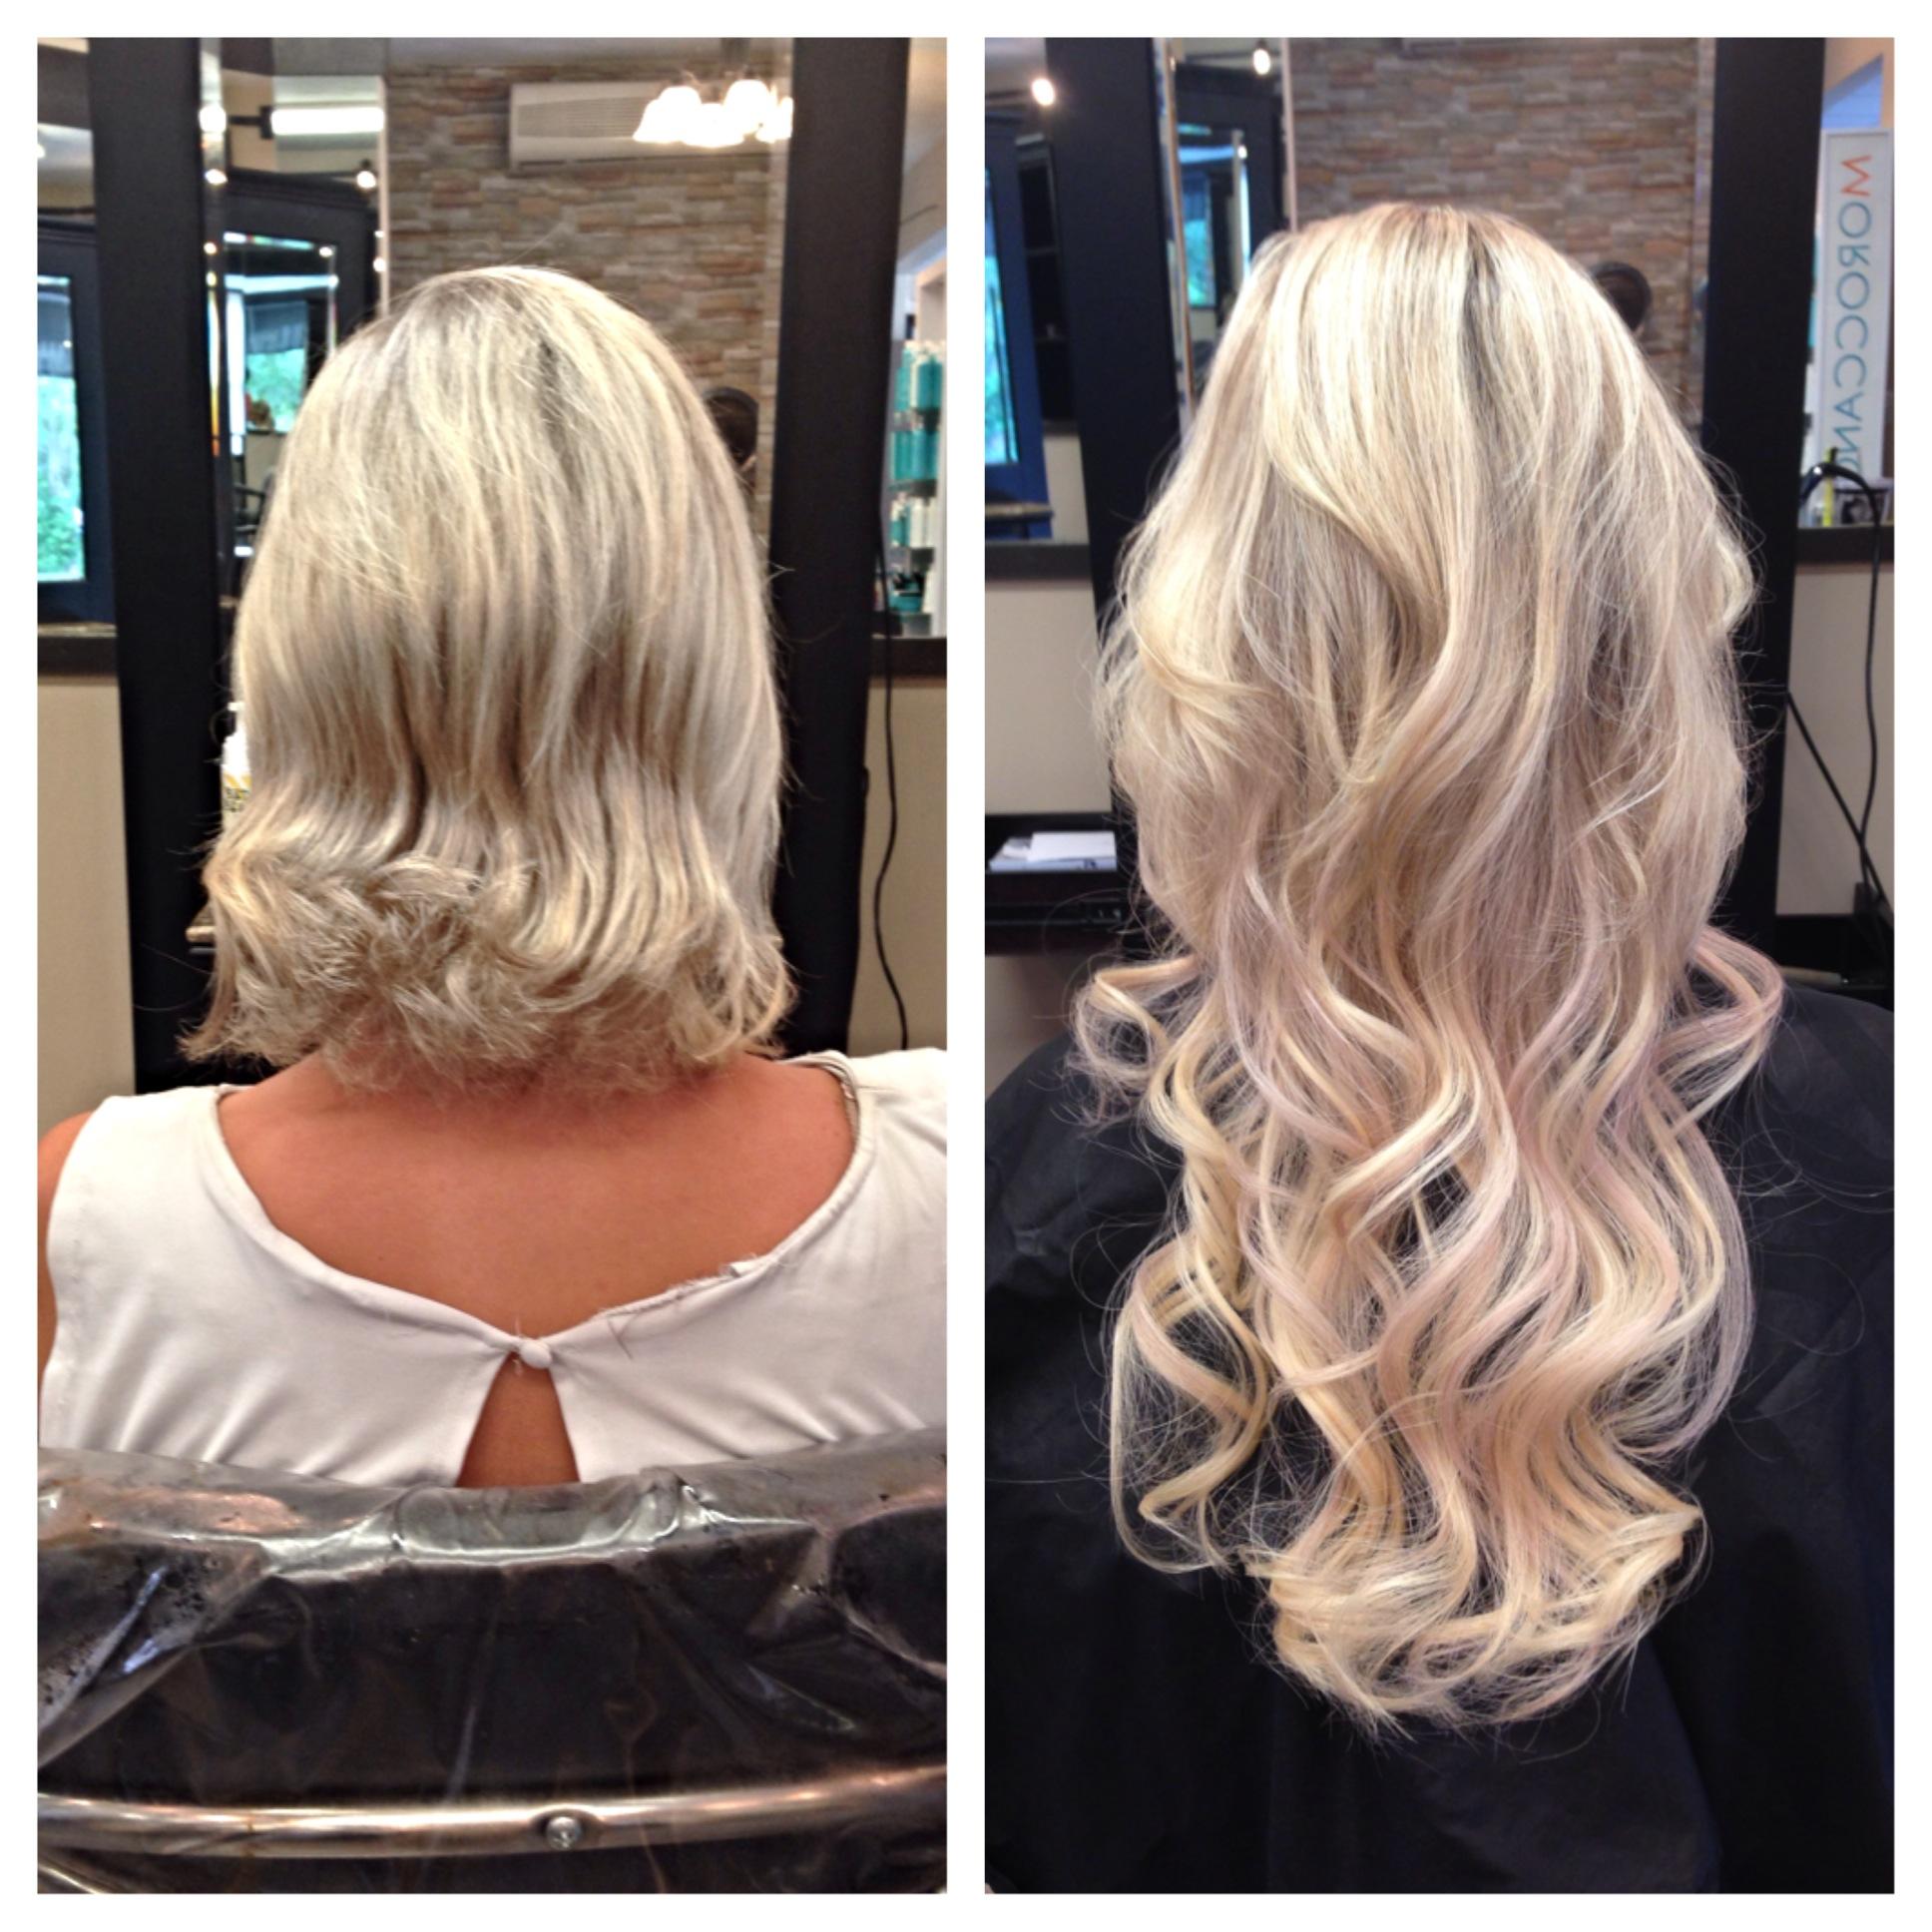 Hair extensions the arthur company salon - Hair salon extensions ...